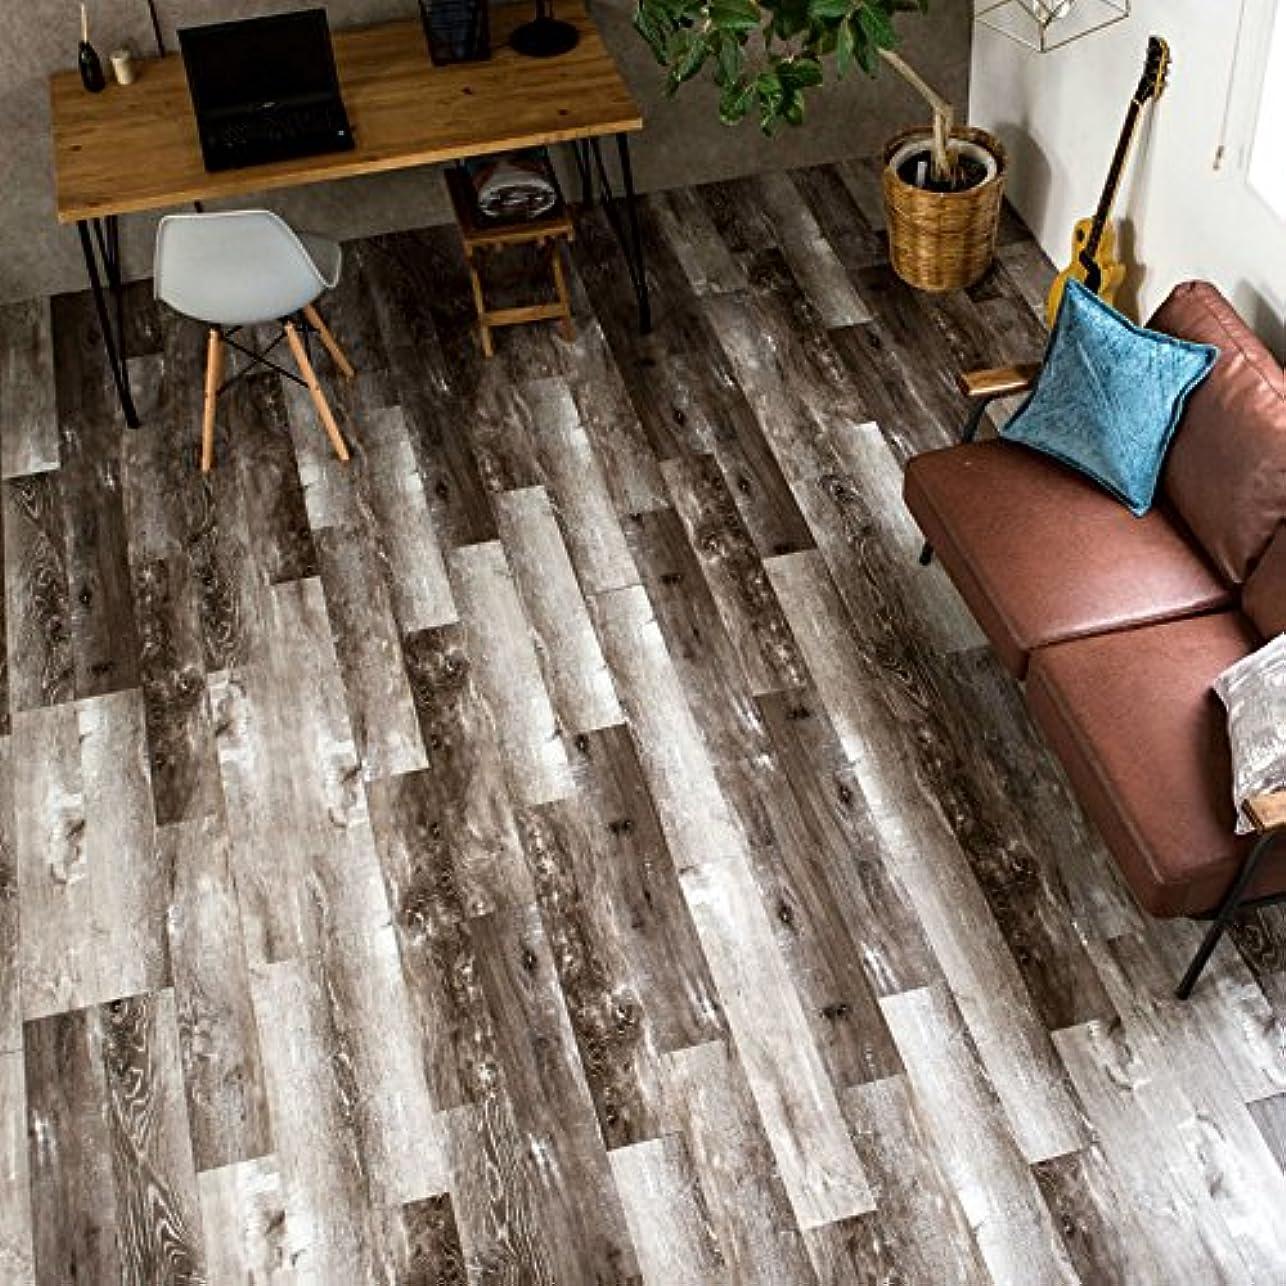 ちなみに減少納屋HiveNets PVC 木目調フロアタイル 接着剤付き 床材 貼るだけフローリングタイル (7枚(約1平方), LG-05526)